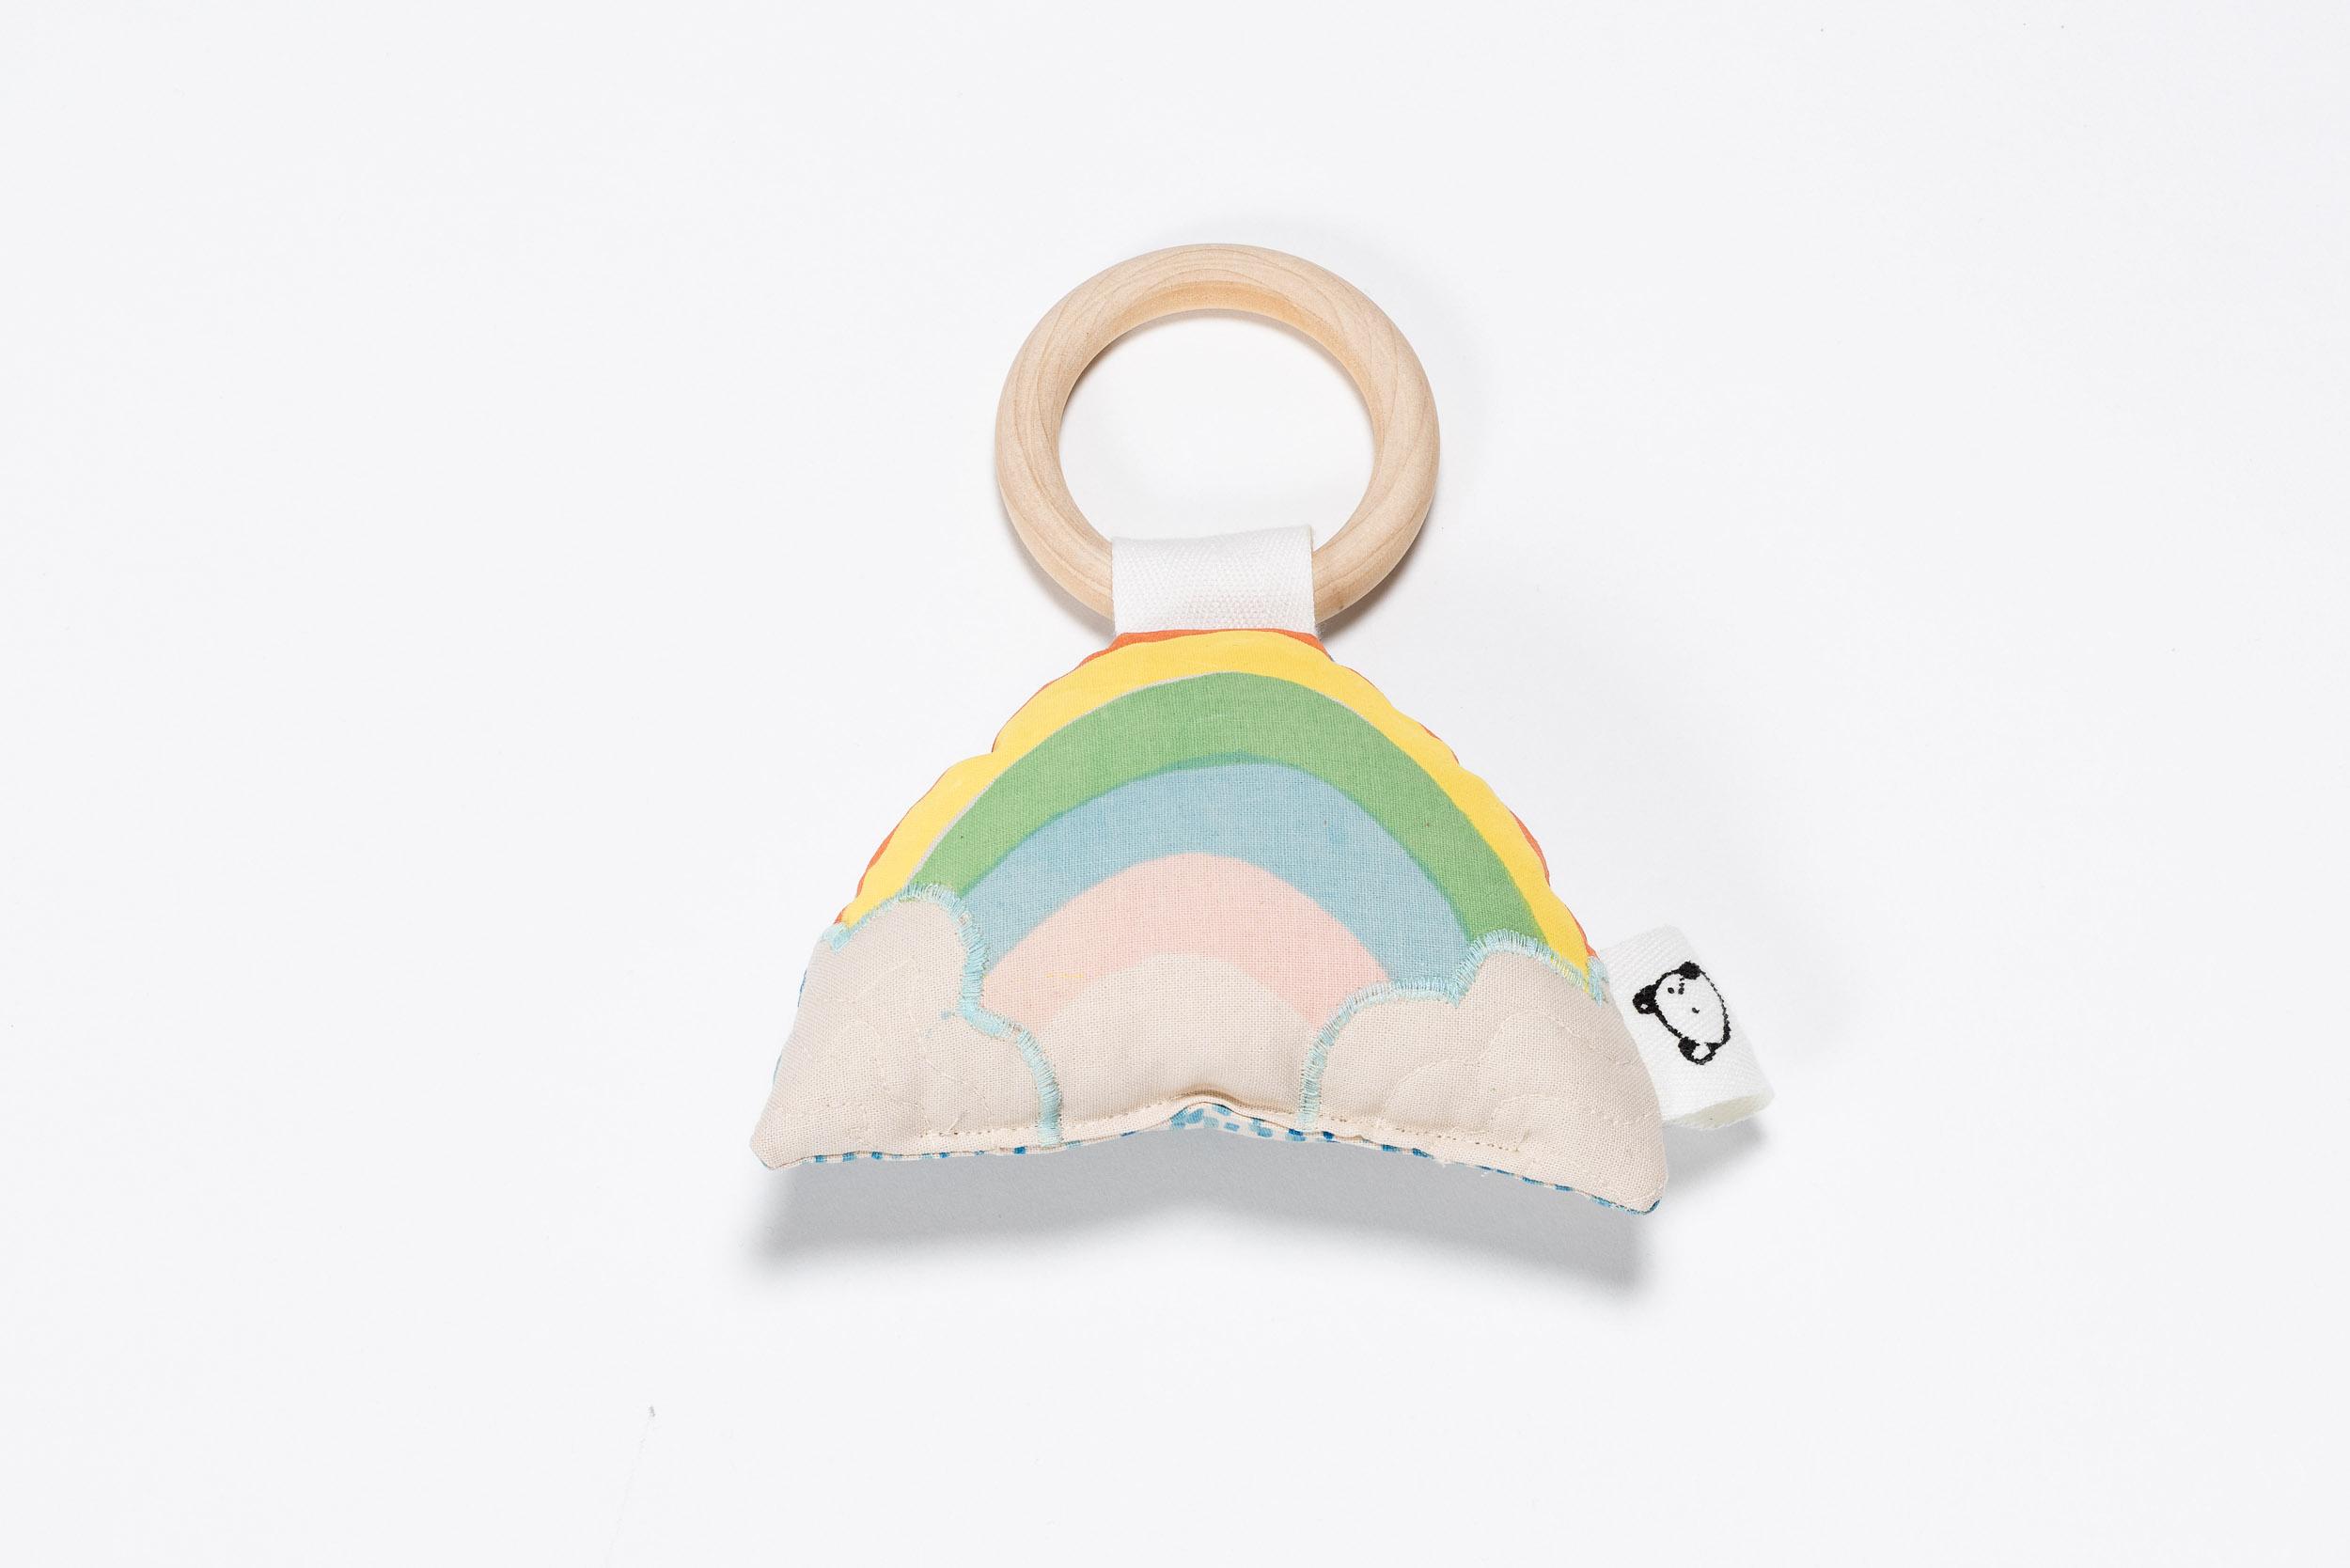 Liebevolles Detail: Die Wolken wurden aus Stoff auf den handgedruckten Regenbogen appliziert.